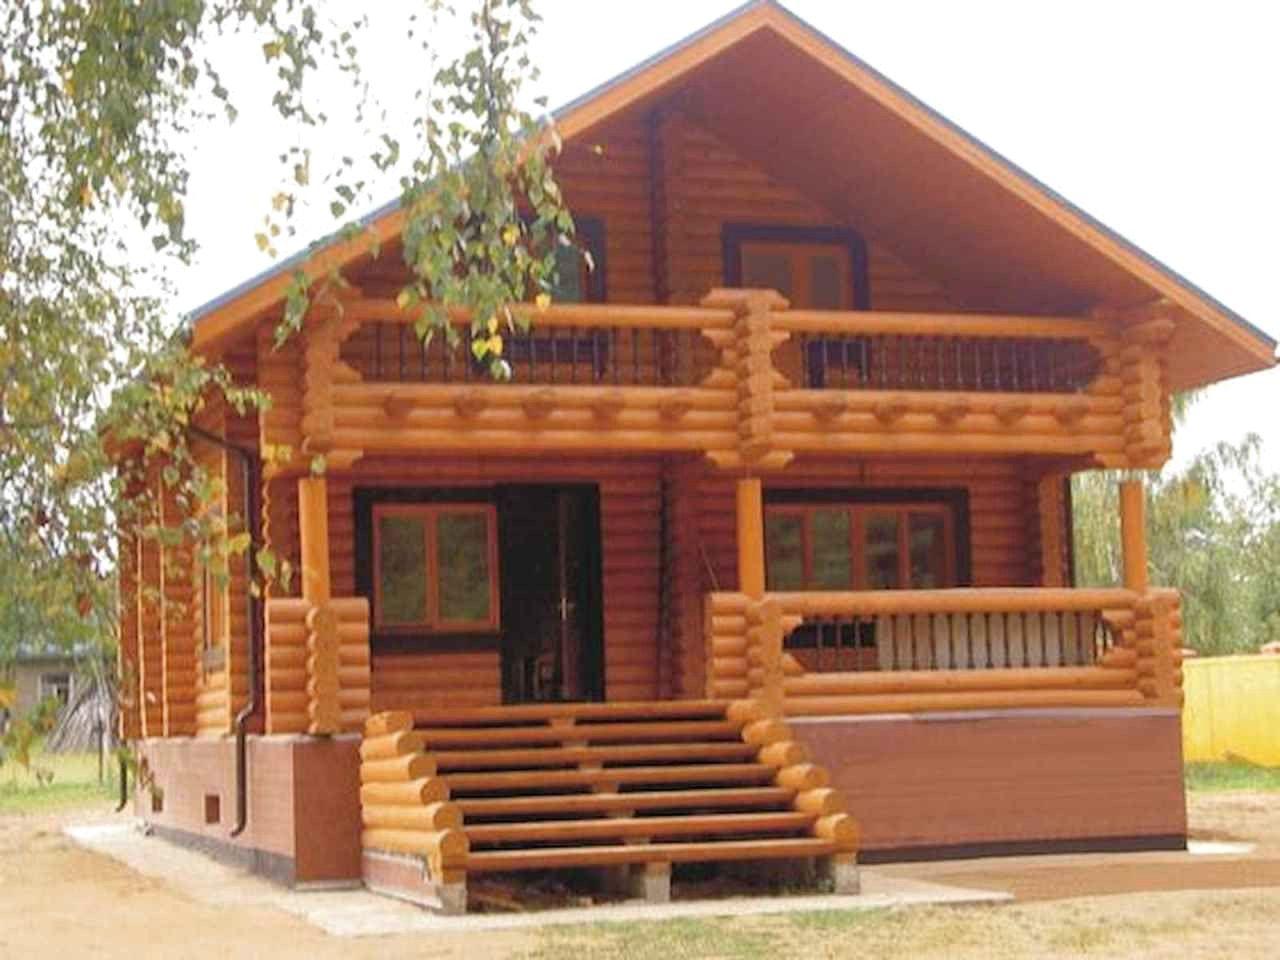 Favorite Log Cabin Homes Plans Design Ideas Frugal Living Small Log Cabin Log Cabin Homes Cabin Homes